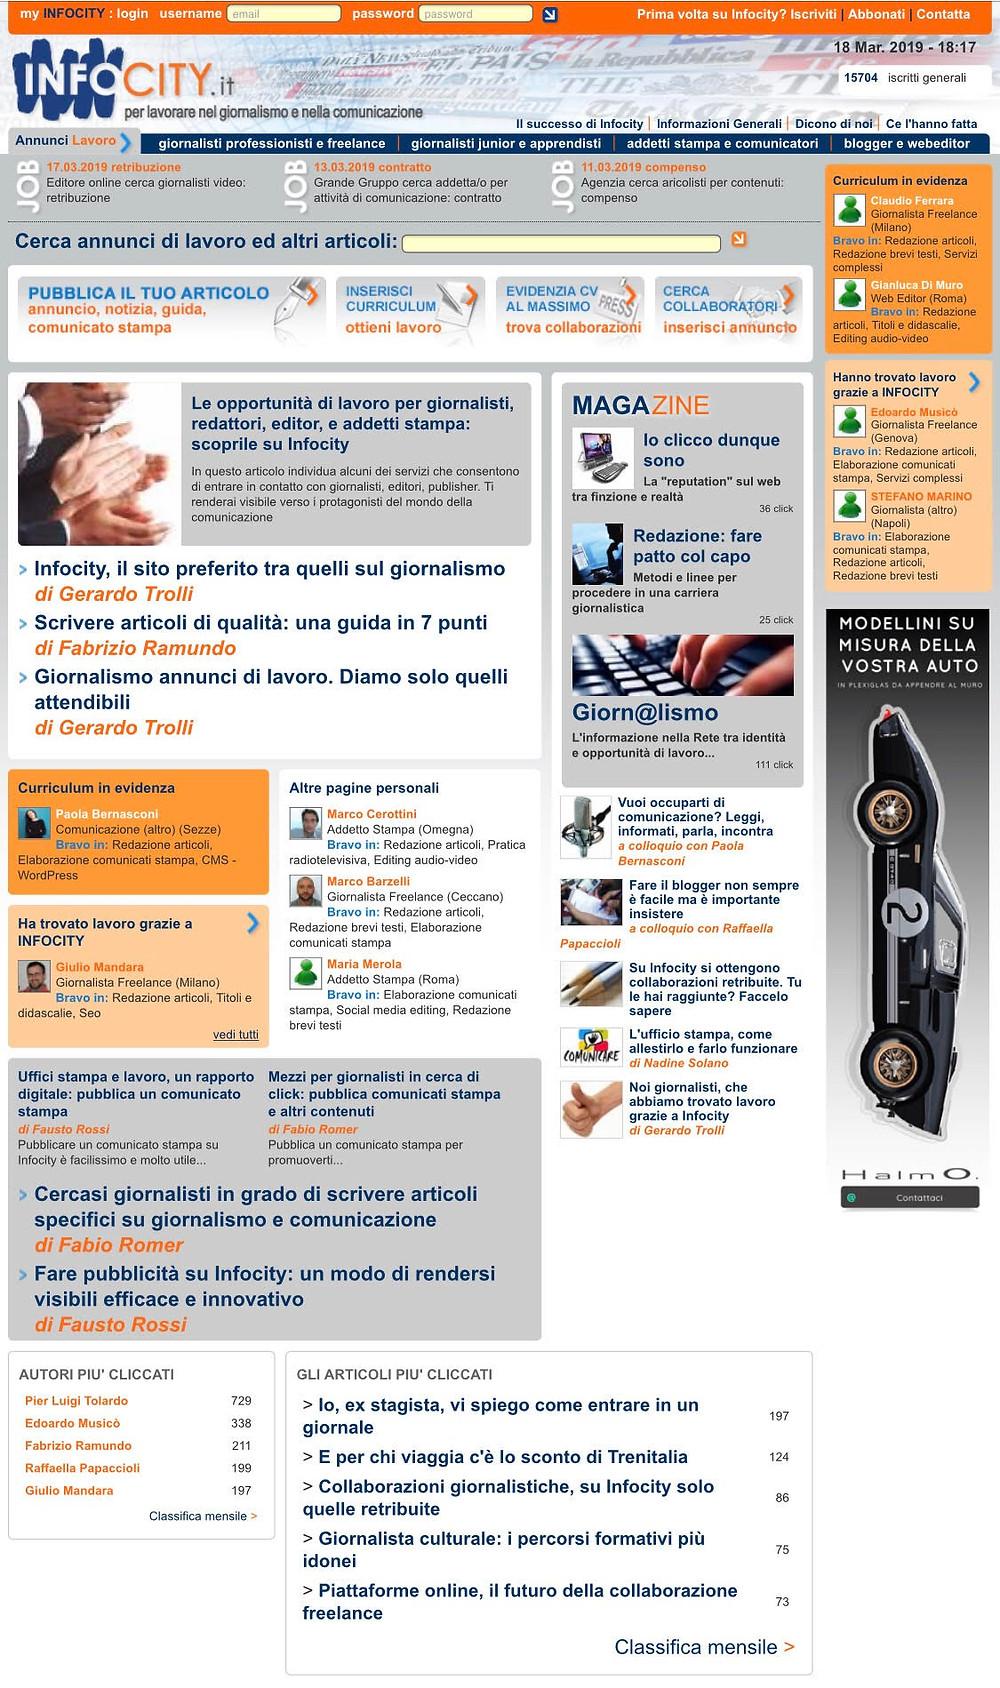 Il portale Infocity.it